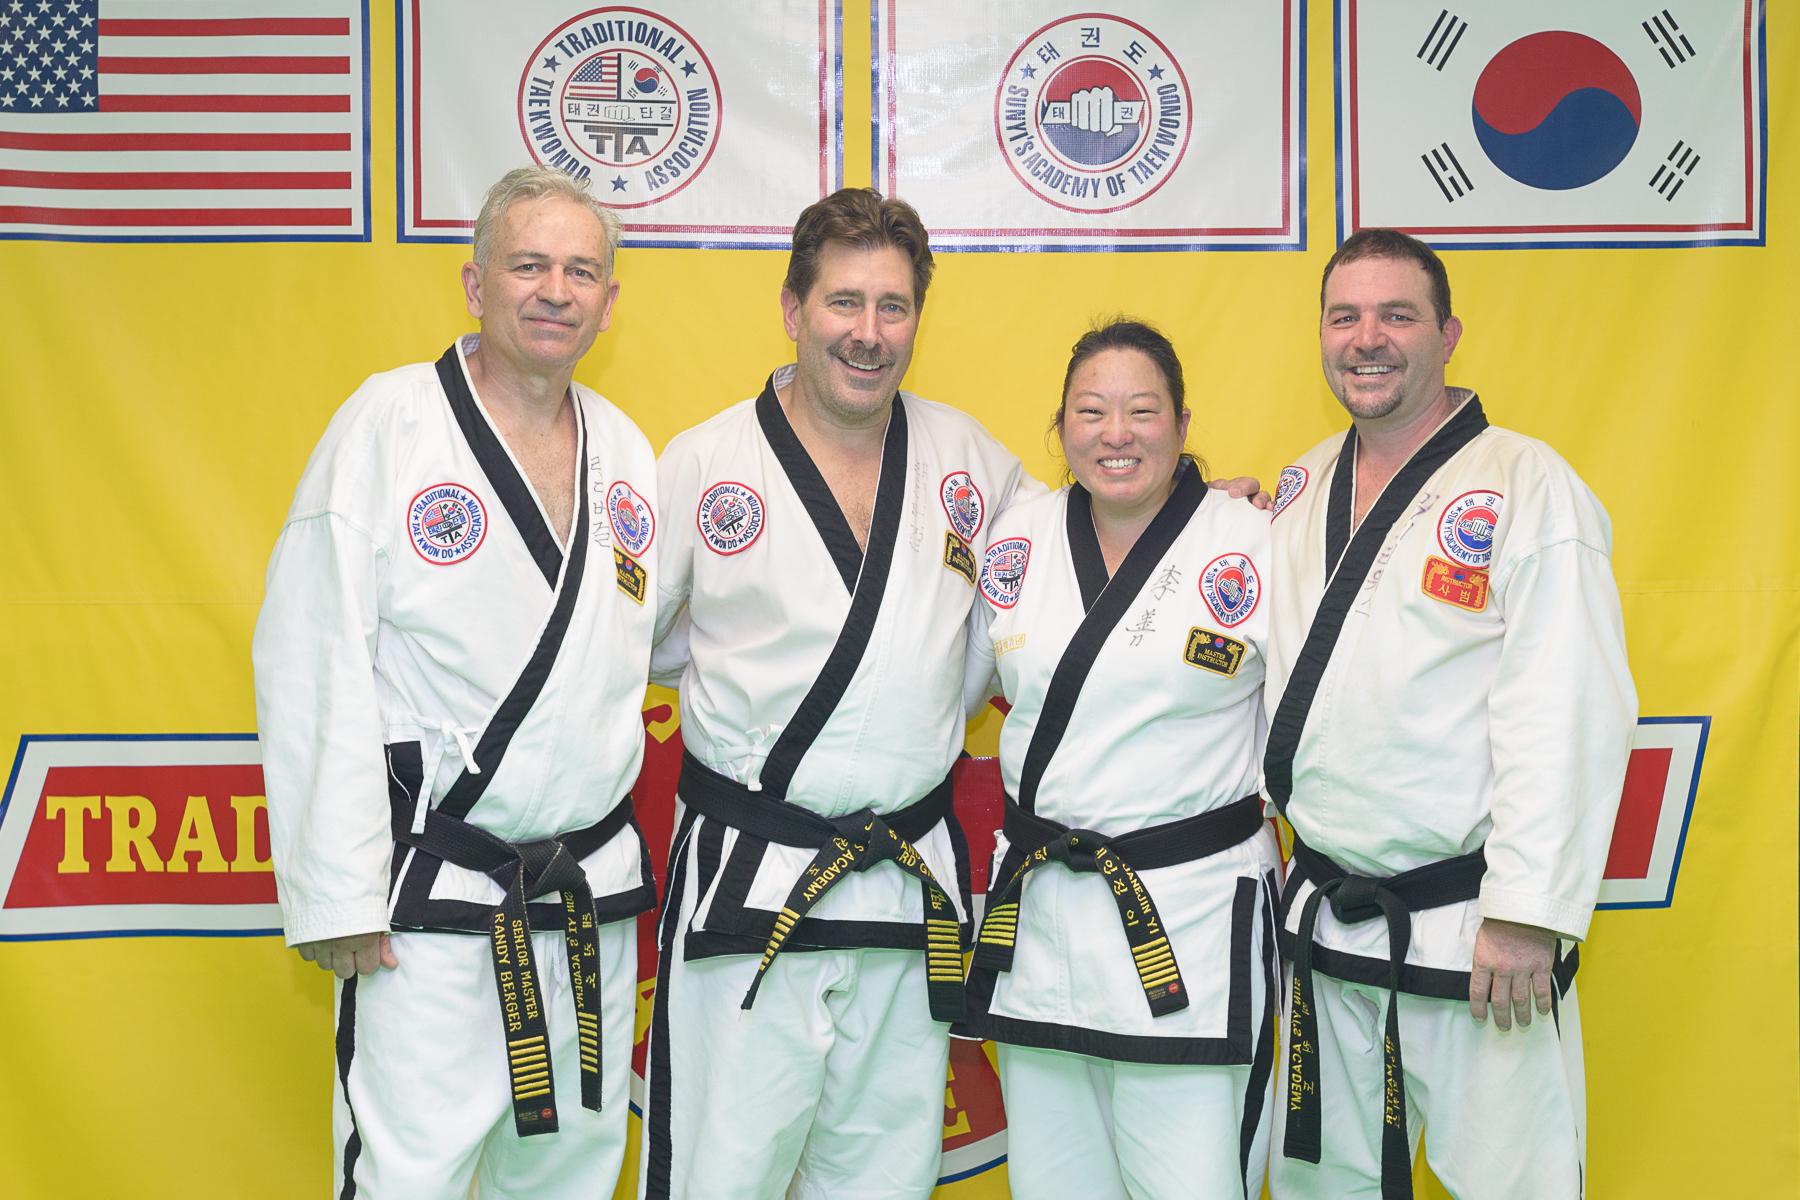 Jr. Grand Masters and Senior Master at Sun Yi's Academy